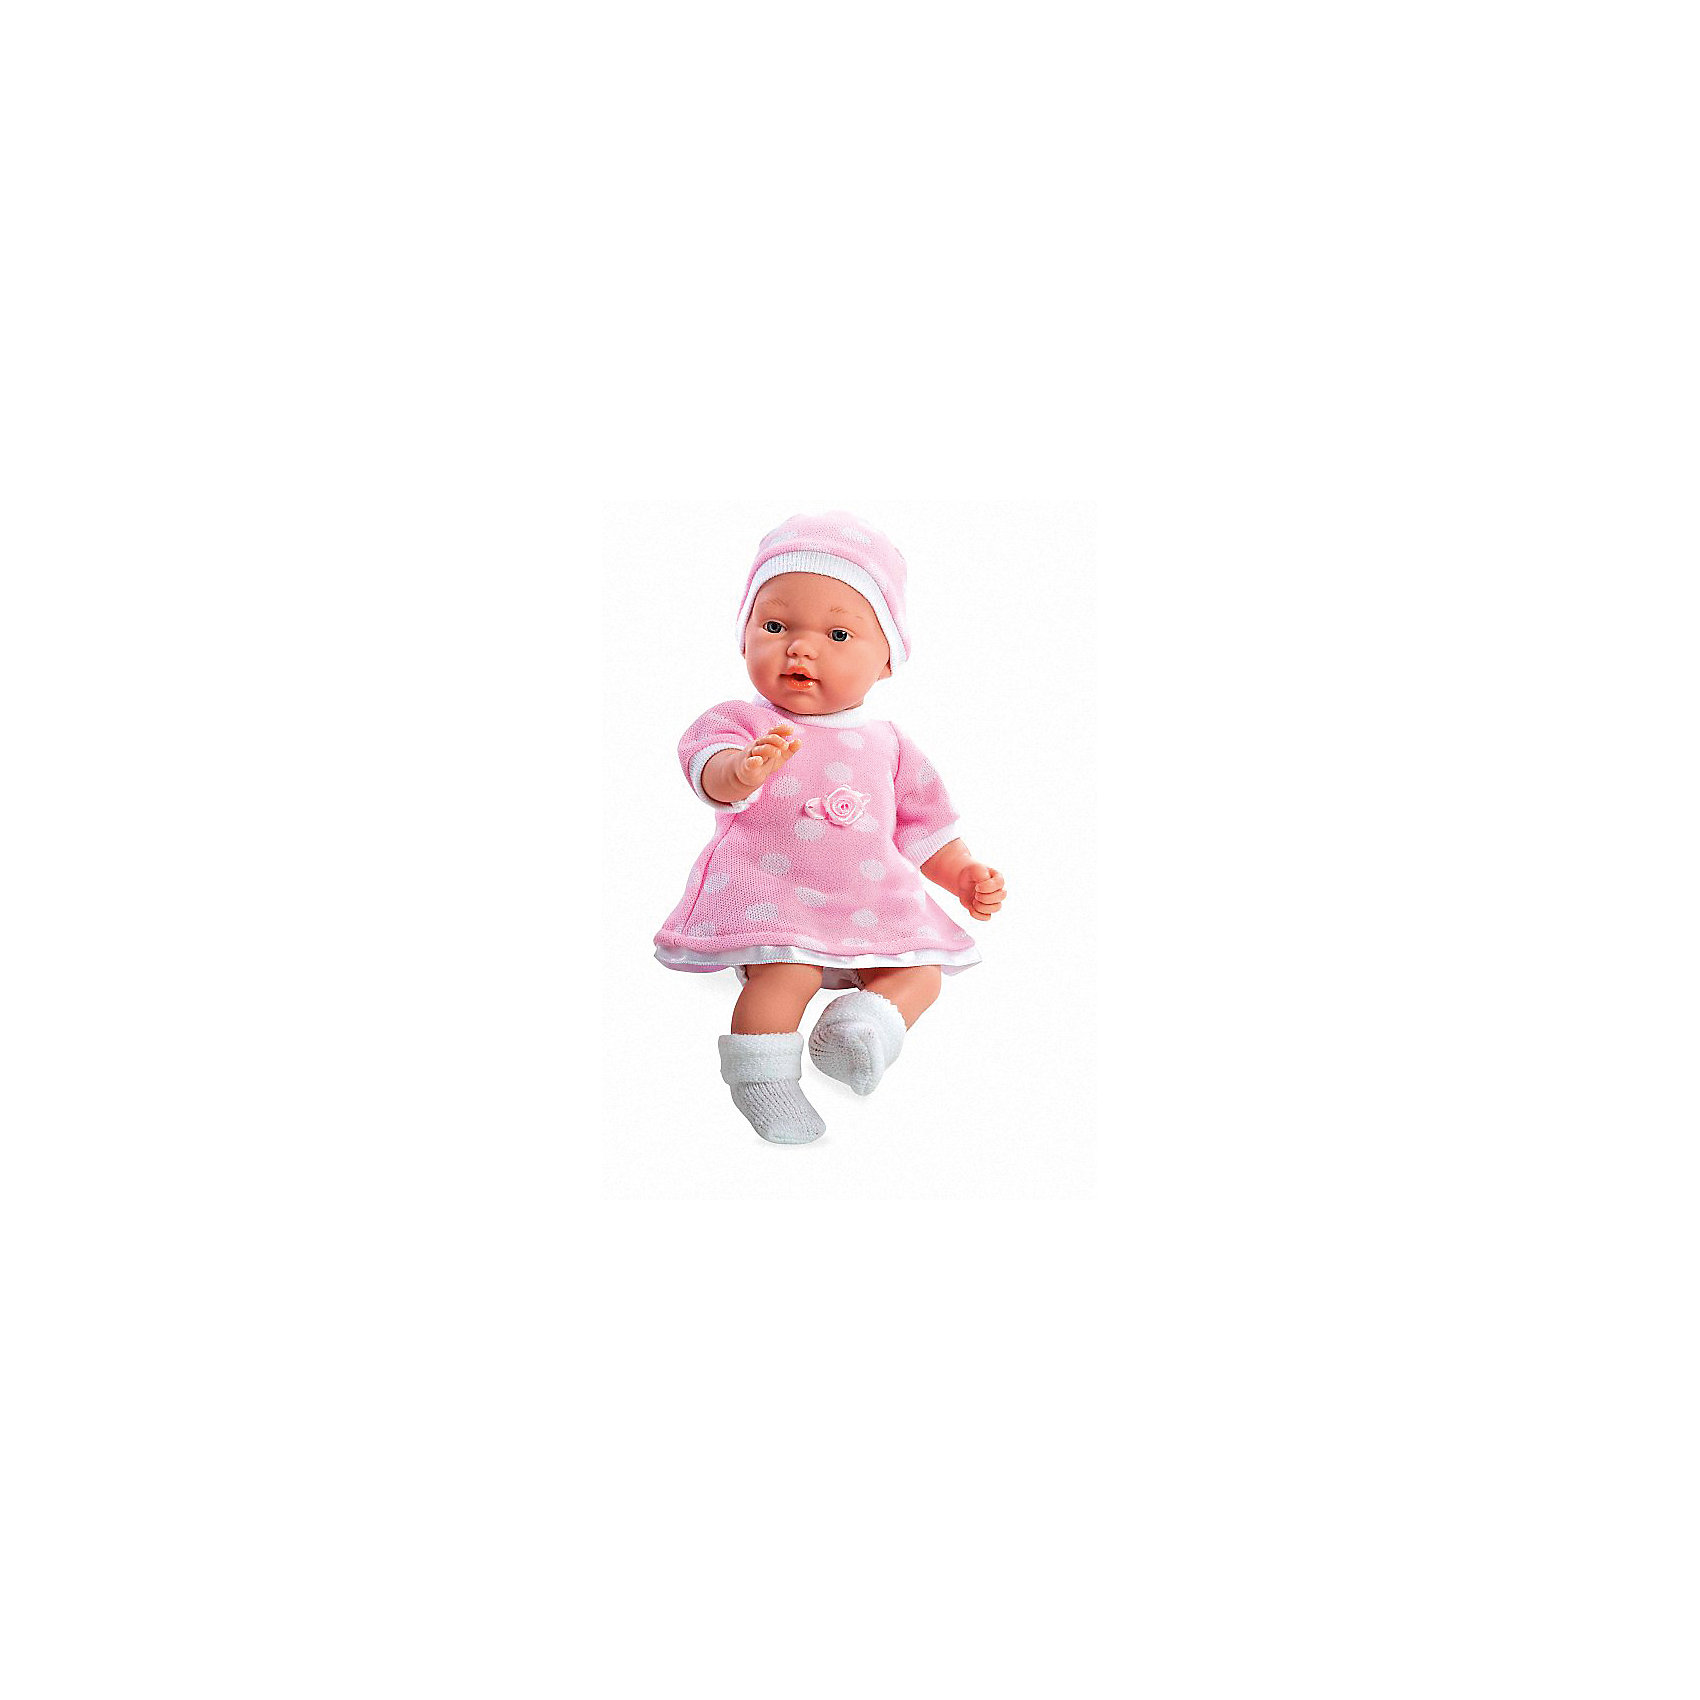 Кукла в розовом платье и шапочке, с соской, плачет, 28см, AriasИнтерактивные куклы<br>Характеристики:<br><br>• Вид игр: сюжетно-ролевые<br>• Пол: для девочек<br>• Коллекция: Elegance<br>• Материал: винил, текстиль<br>• Длина пупса: 28 см<br>• Комплектация: кукла, платье, пинетки, шапочка, соска<br>• Подвижные ручки и ножки <br>• Умеет плакать <br>• Батарейки: 3 x AG13 / LR44 (предусмотрены в комплекте)<br>• Вес в упаковке: 900 г<br>• Размеры упаковки (Г*Ш*В): 21*12*36 см<br>• Упаковка: картонная коробка<br>• Особенности ухода: куклу можно купать, одежда – ручная стирка<br><br>Кукла в розовом платье и шапочке, с соской, плачет, 28см, Arias изготовлена известным испанским торговым предприятием Munecas, который специализируется на выпуске кукол и пупсов. Пупсы и куклы Arias с высокой степенью достоверности повторяют облик маленьких детей, благодаря мельчайшим деталям внешнего вида и одежды игрушки выглядят мило и очаровательно. Тело куклы – мягконабивное, подвижные ручки и ножки выполнены из винила. У него четко прорисованные глаза и брови, курносый носик и пухленькие губки. У малышки вязаное теплое платье, пинетки и шапочка. При нажатии на животик, кукла начинает плакать, но ее легко успокоить, так как в комплекте предусмотрена соска. Кукла в розовом платье и шапочке, с соской, плачет, 28см, Arias станет идеальным подарком для девочки к любому празднику.<br><br>Куклу в розовом платье и шапочке, с соской, плачет, 28см, Arias можно купить в нашем интернет-магазине.<br><br>Ширина мм: 355<br>Глубина мм: 120<br>Высота мм: 205<br>Вес г: 667<br>Возраст от месяцев: 36<br>Возраст до месяцев: 120<br>Пол: Женский<br>Возраст: Детский<br>SKU: 5355548